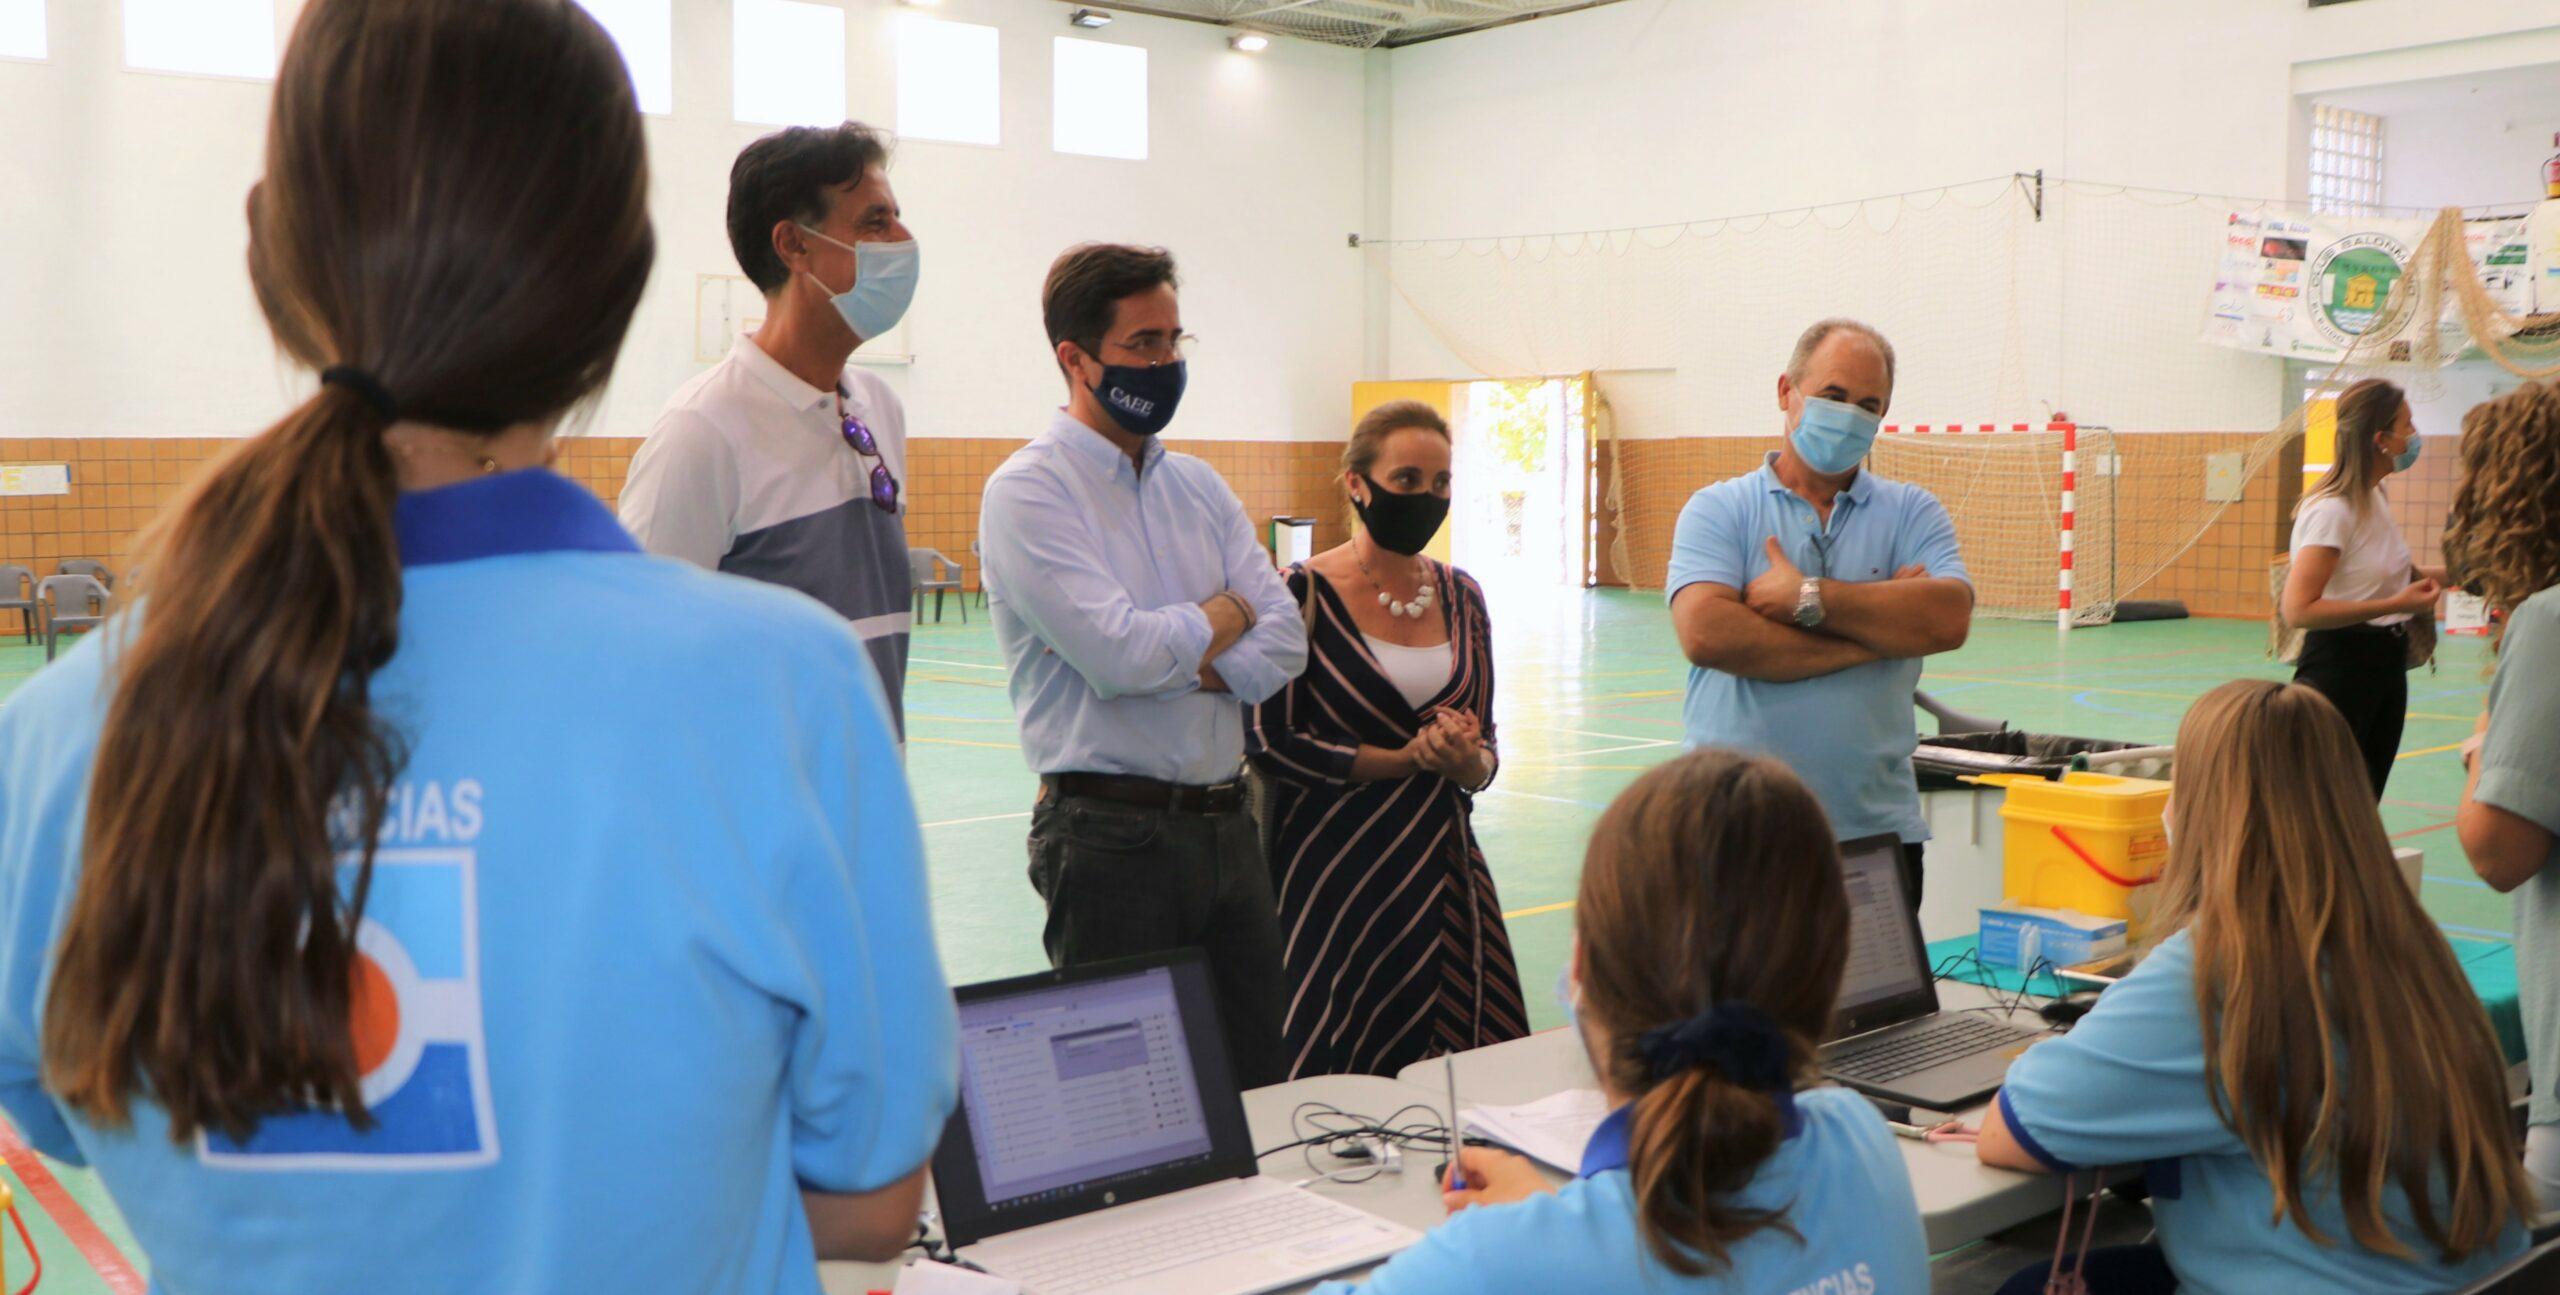 Los pabellones de Las Norias y Balerma se suman a los puntos de vacunación masiva frente al COVID-19 para avanzar en el proceso de administración de las dosis